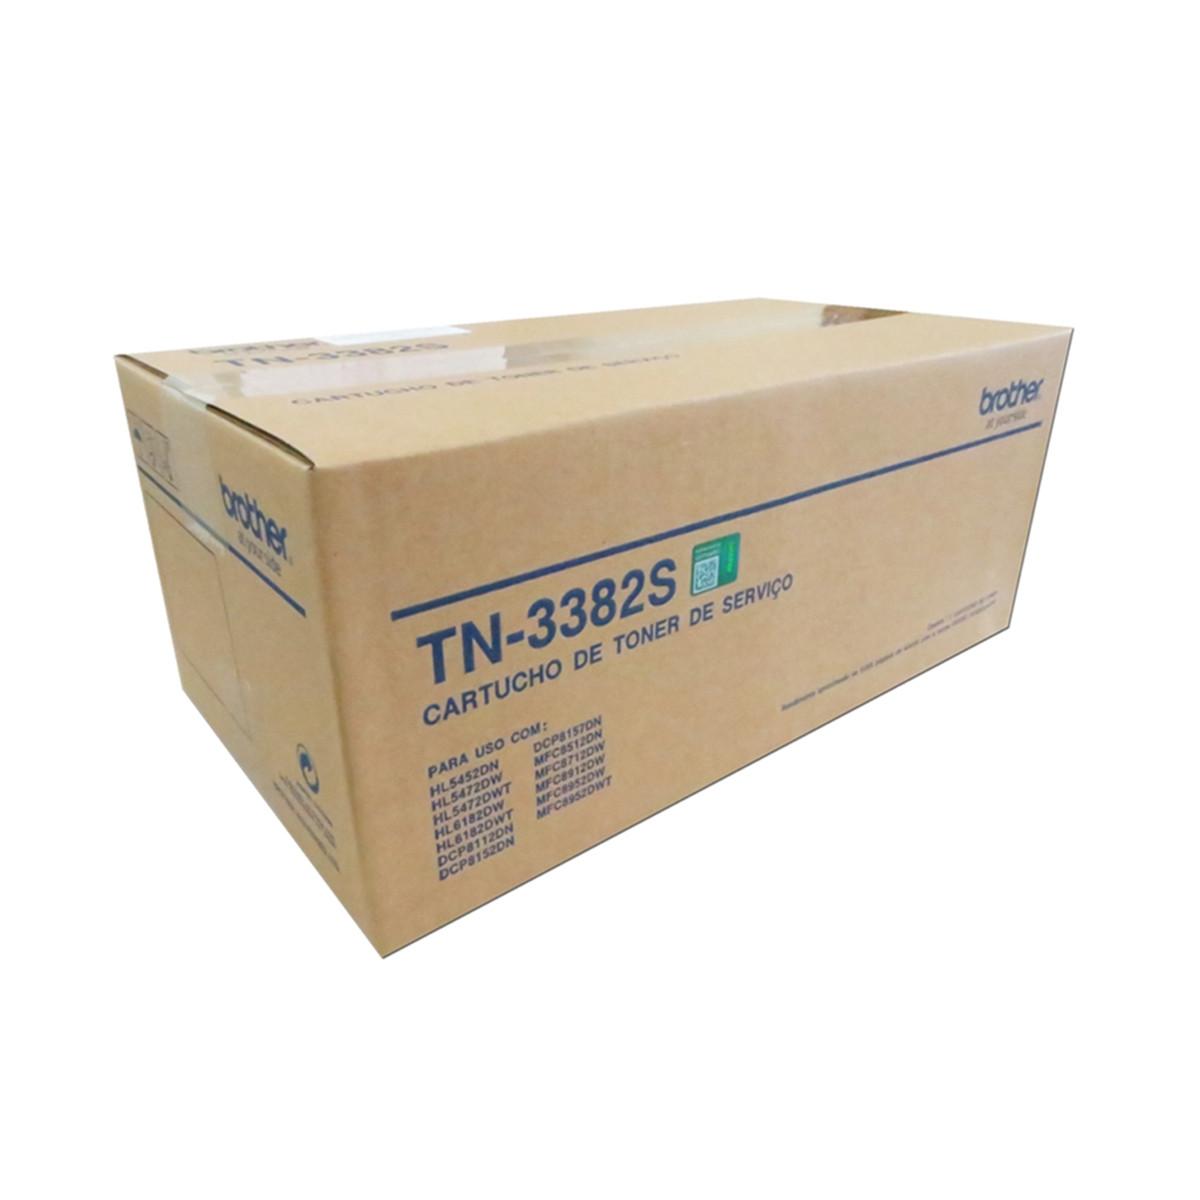 Toner Brother TN3382S TN3382 Toner de Serviço   DCP-8112DN HL-5452DN DCP-8152DN   Original 8k